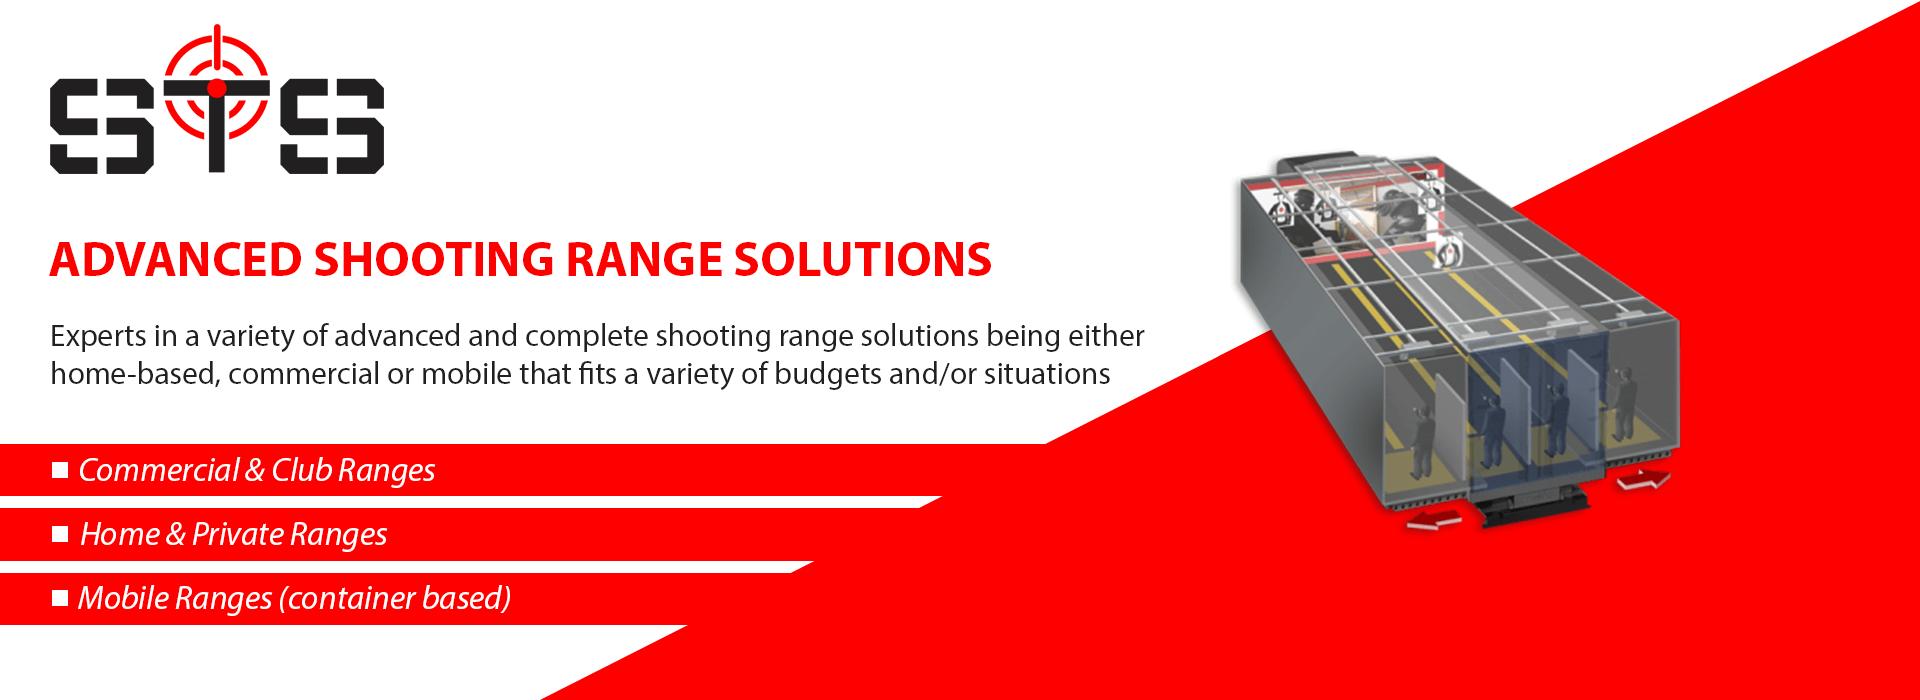 Solution Page Slider 05102018_v2